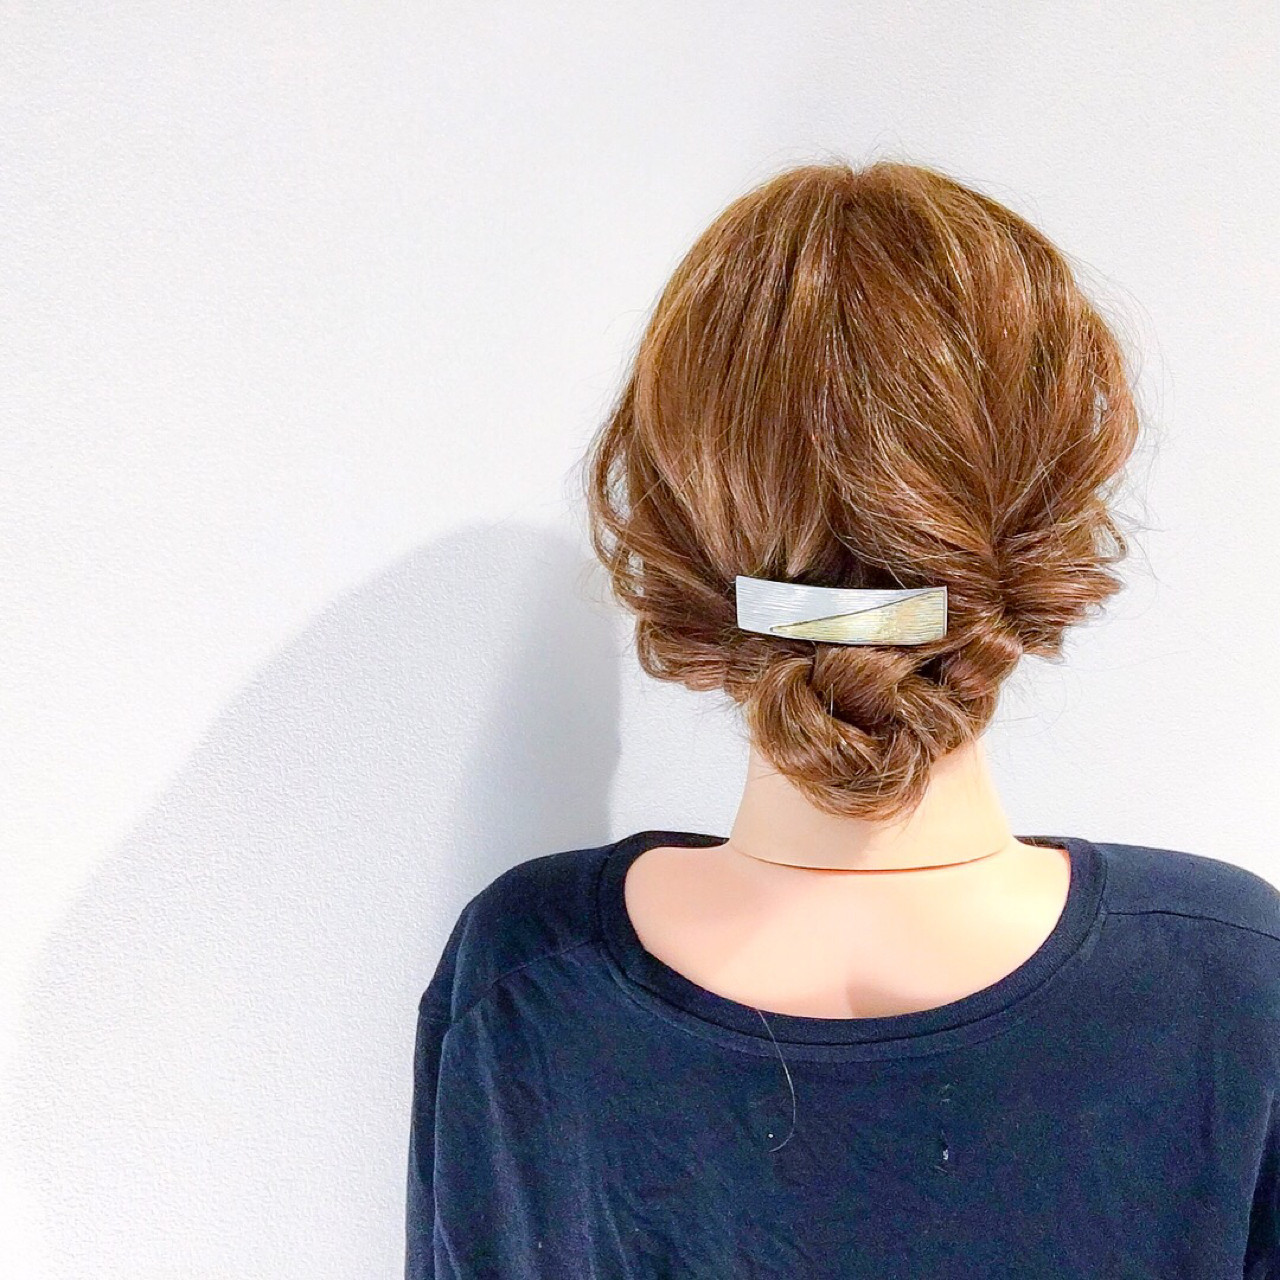 デート フェミニン セミロング ヘアアレンジ ヘアスタイルや髪型の写真・画像